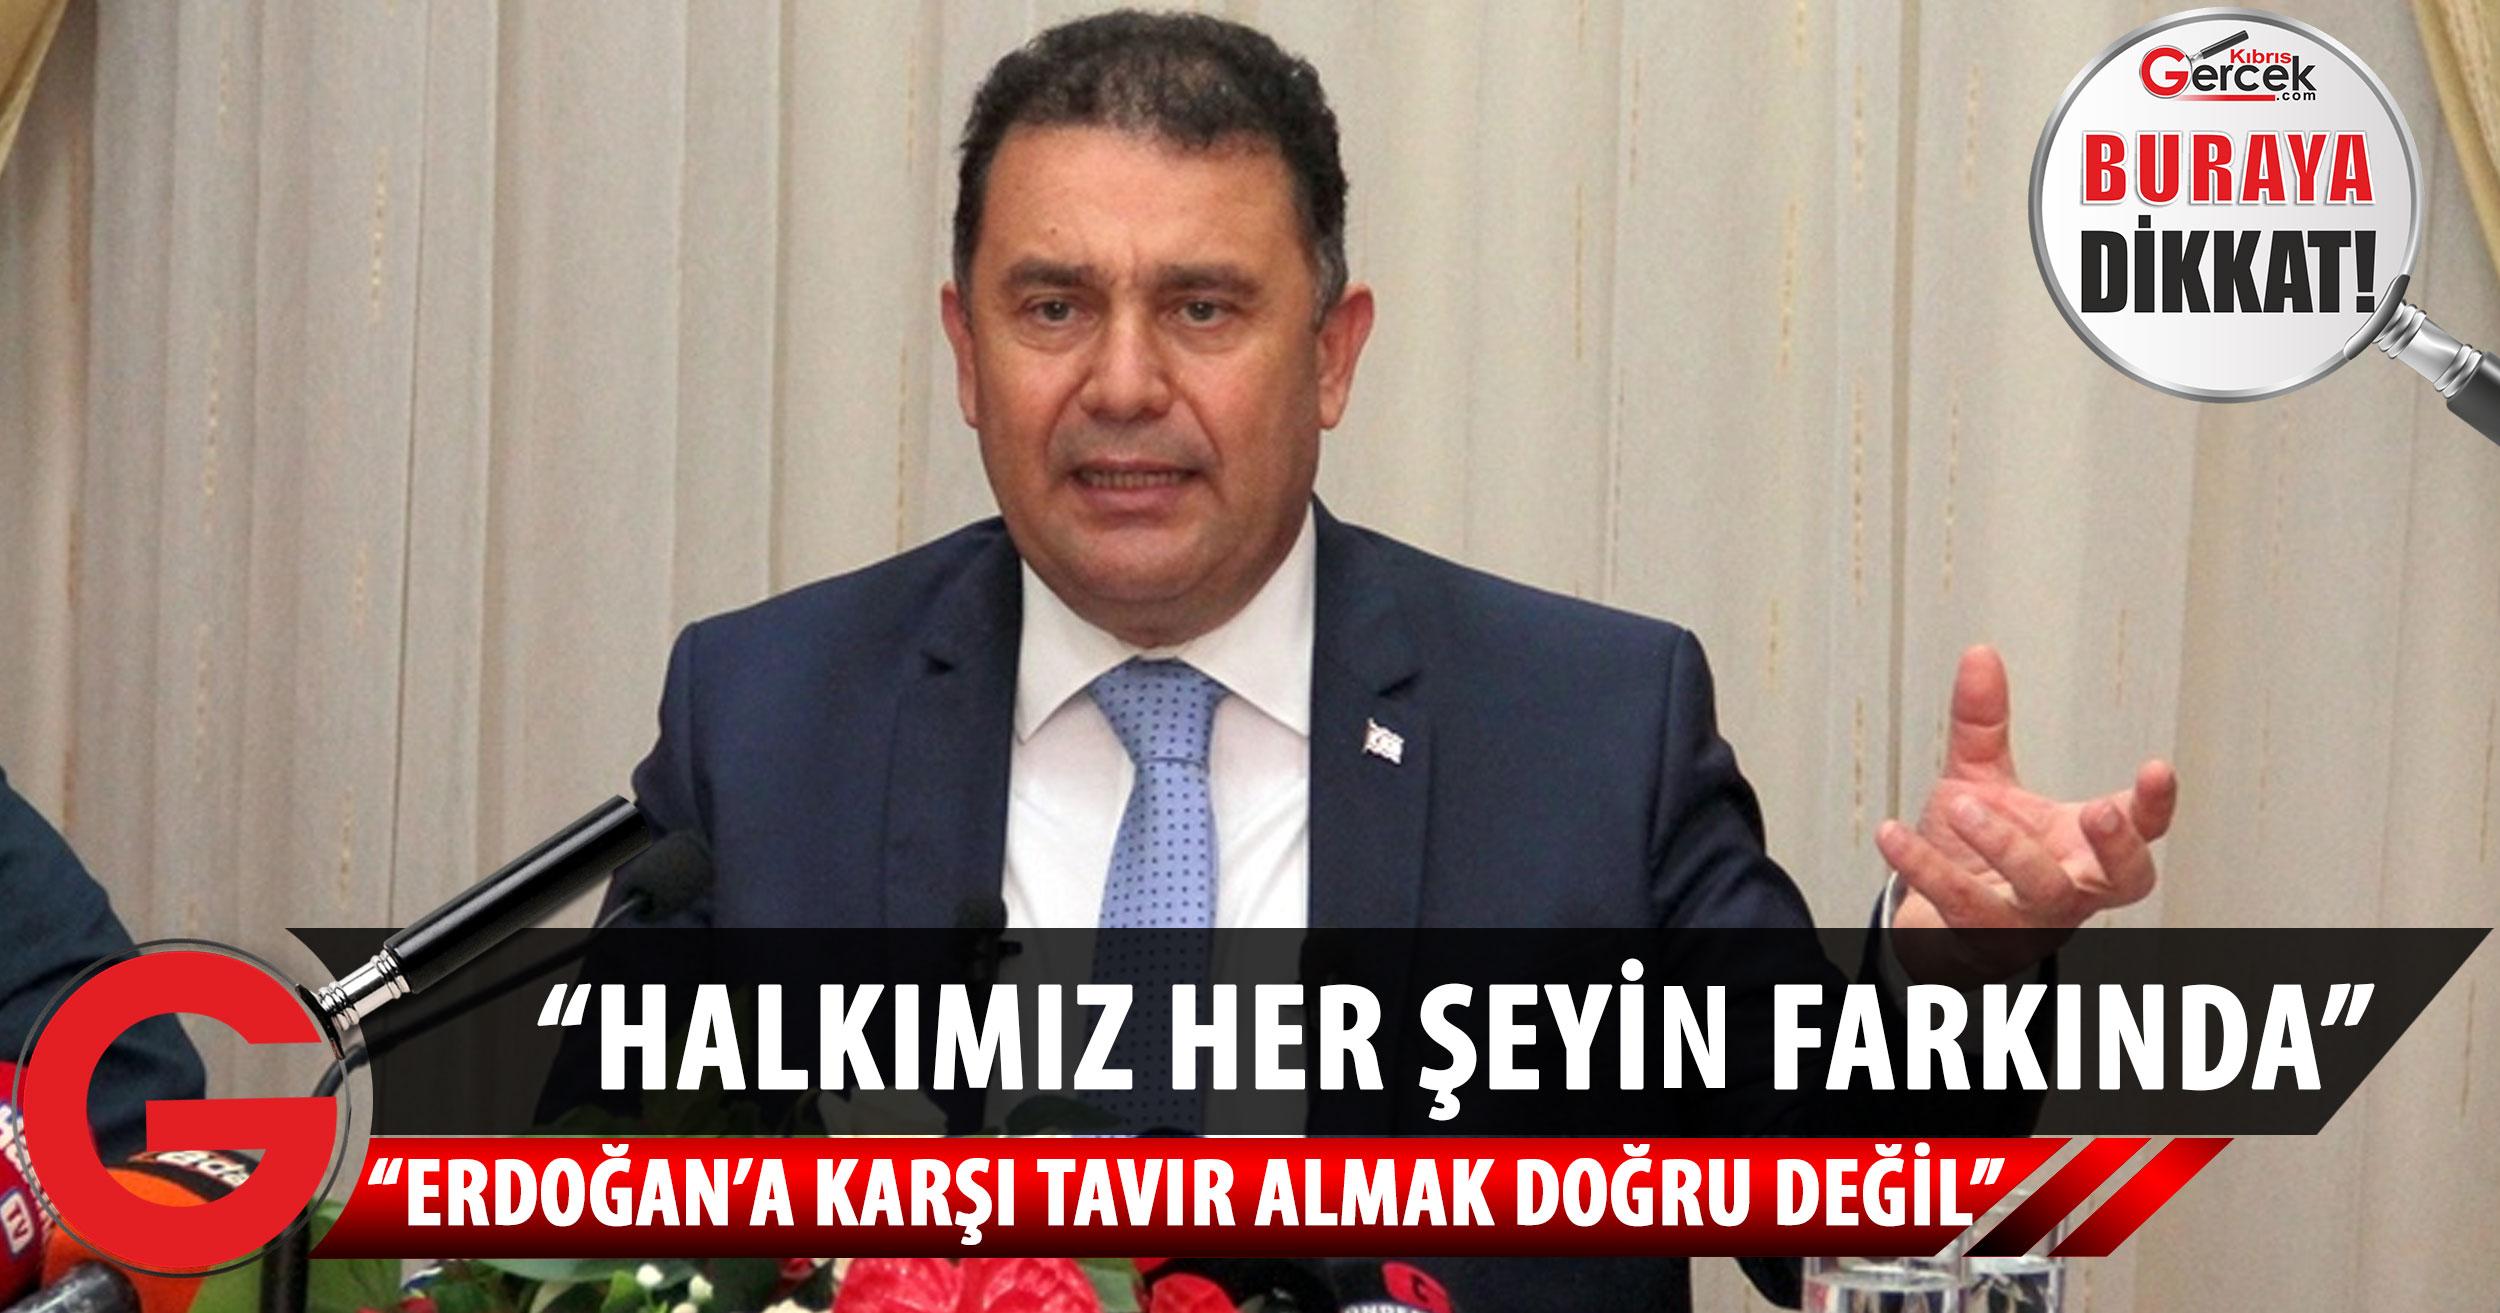 Saner: Türkiye Cumhuriyeti'ni temsil eden Cumhurbaşkanı'na karşı tavır almak doğru değil